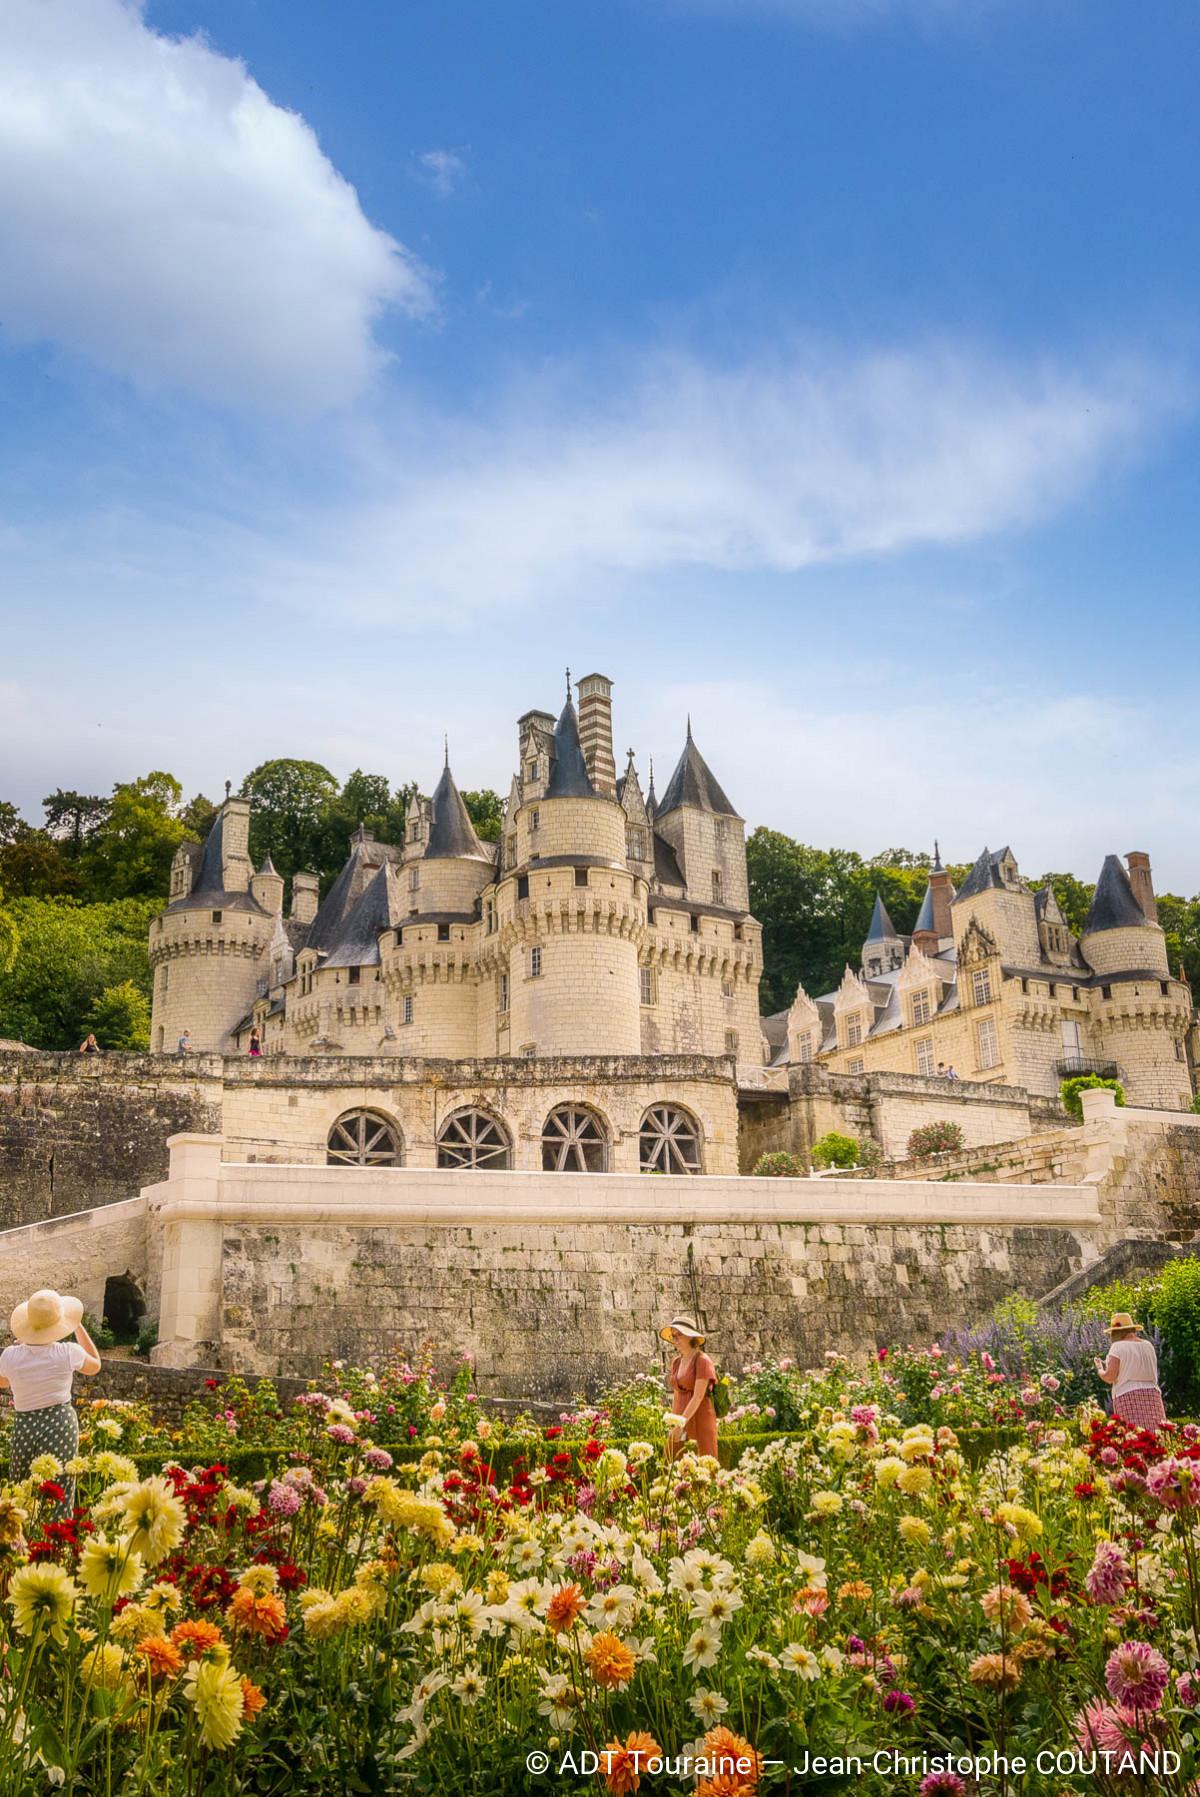 Parc De Fierbois : 1 Chateau Dusse Jean Christophe Coutand 2029 12 31 Medium